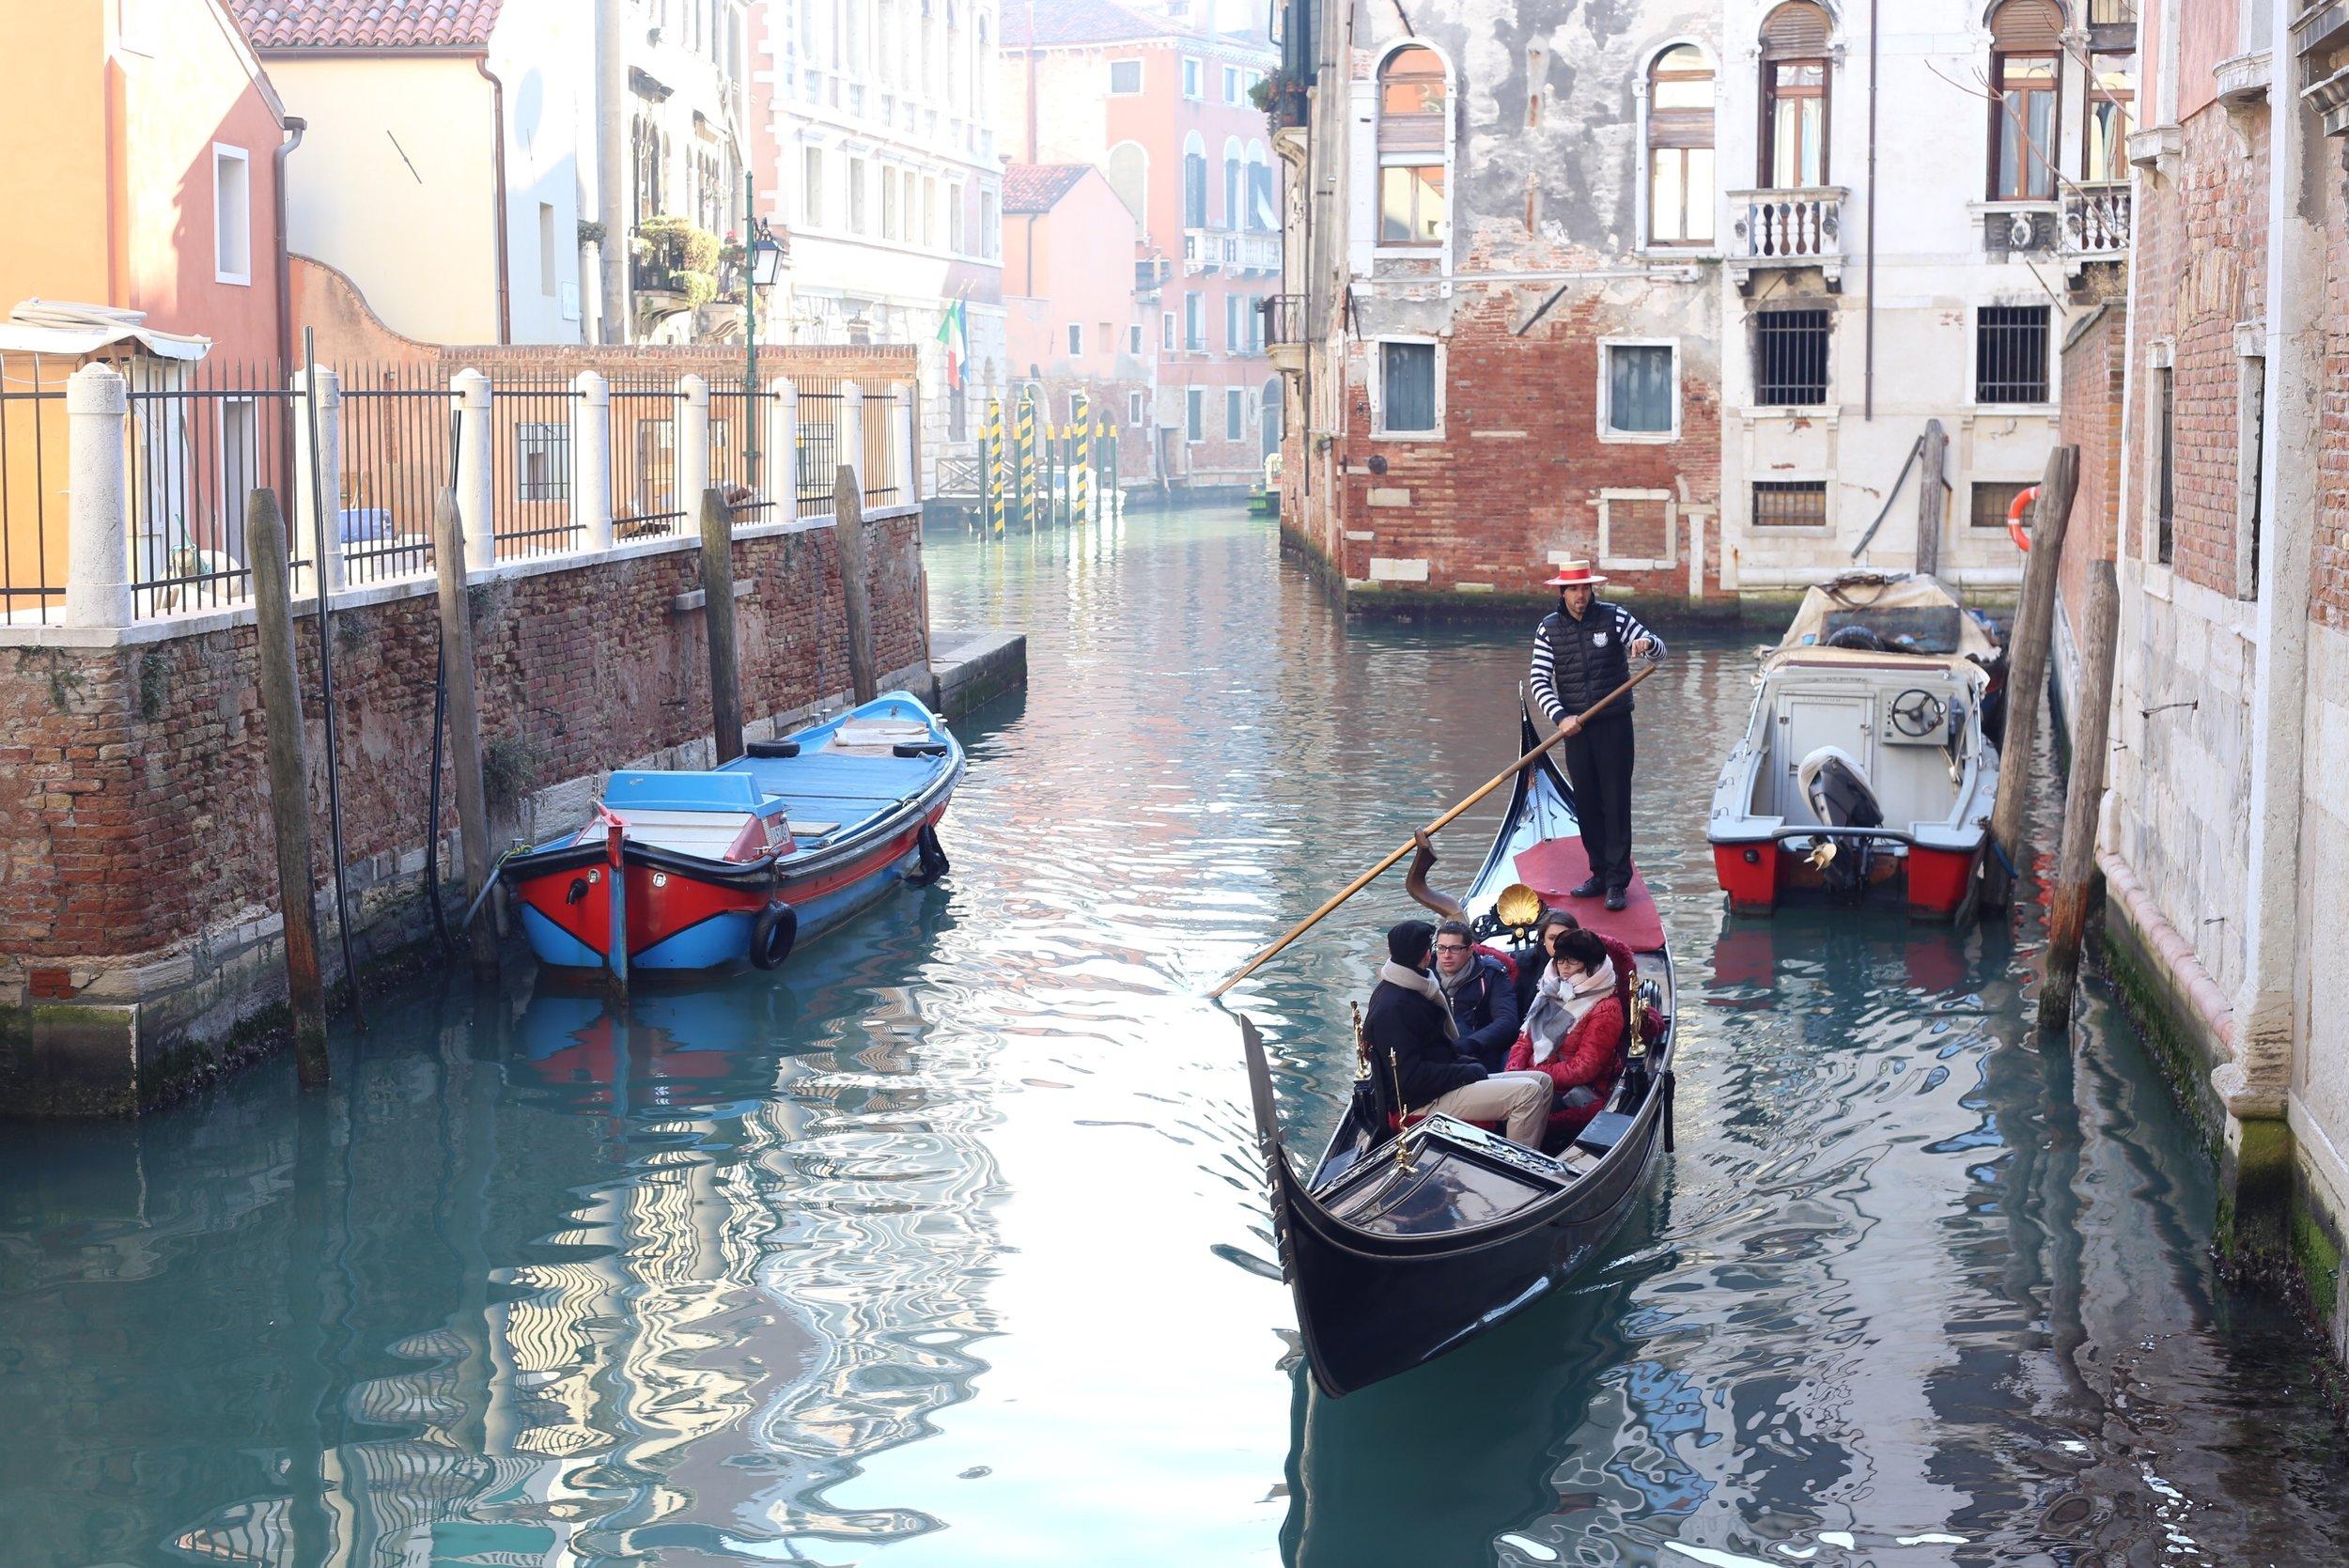 A gondola drifts in still waters.